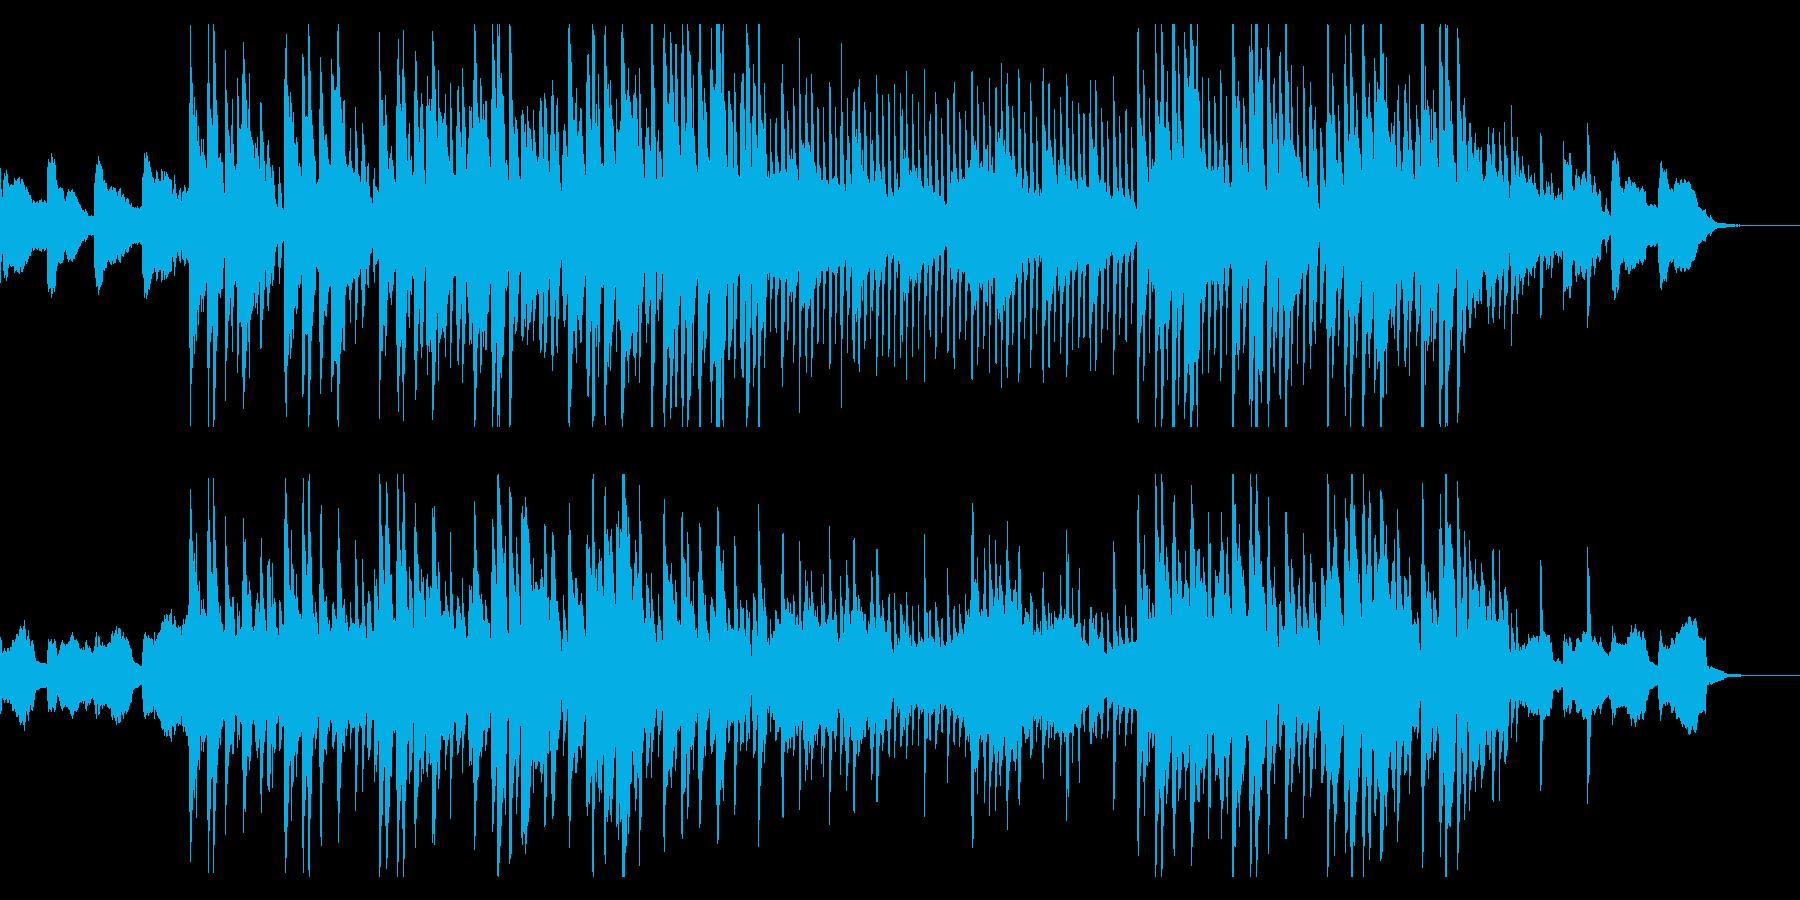 ポップなBGMの再生済みの波形